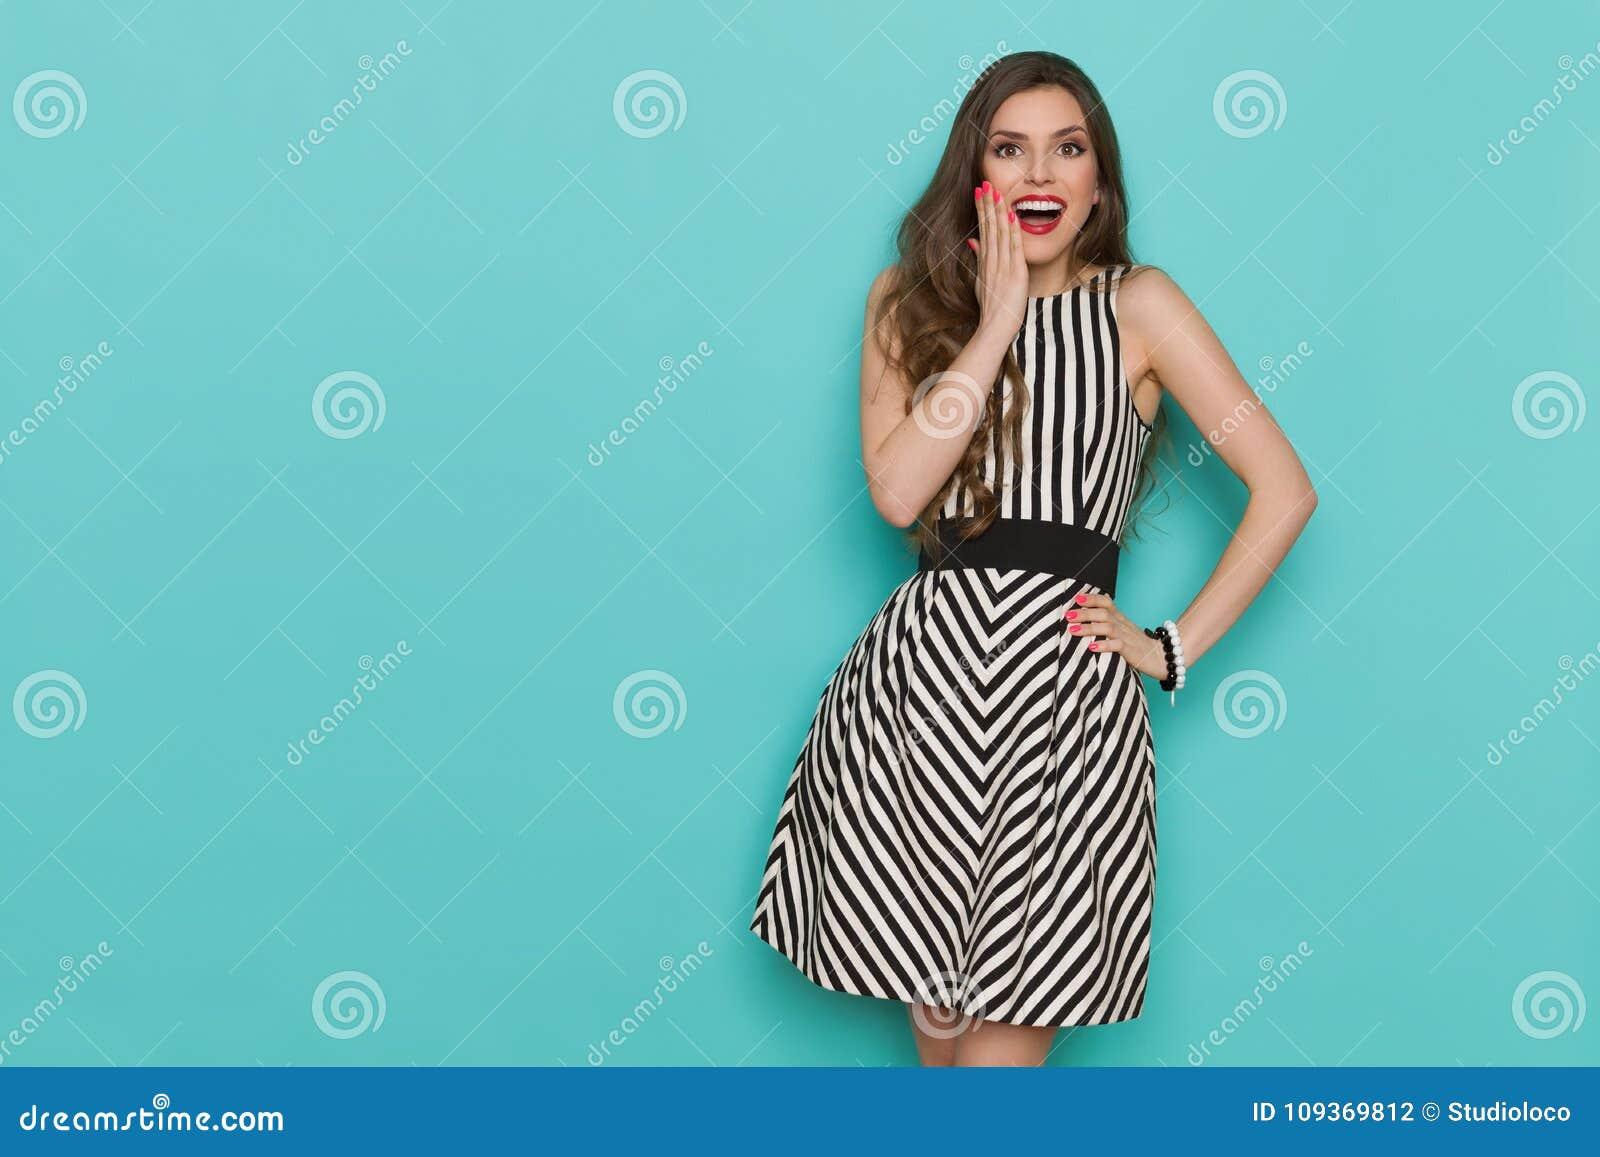 ee1091cd49ea La bella giovane donna sorpresa in vestito da cocktail stroped in bianco e nero  elegante sta tenendo la mano sul mento